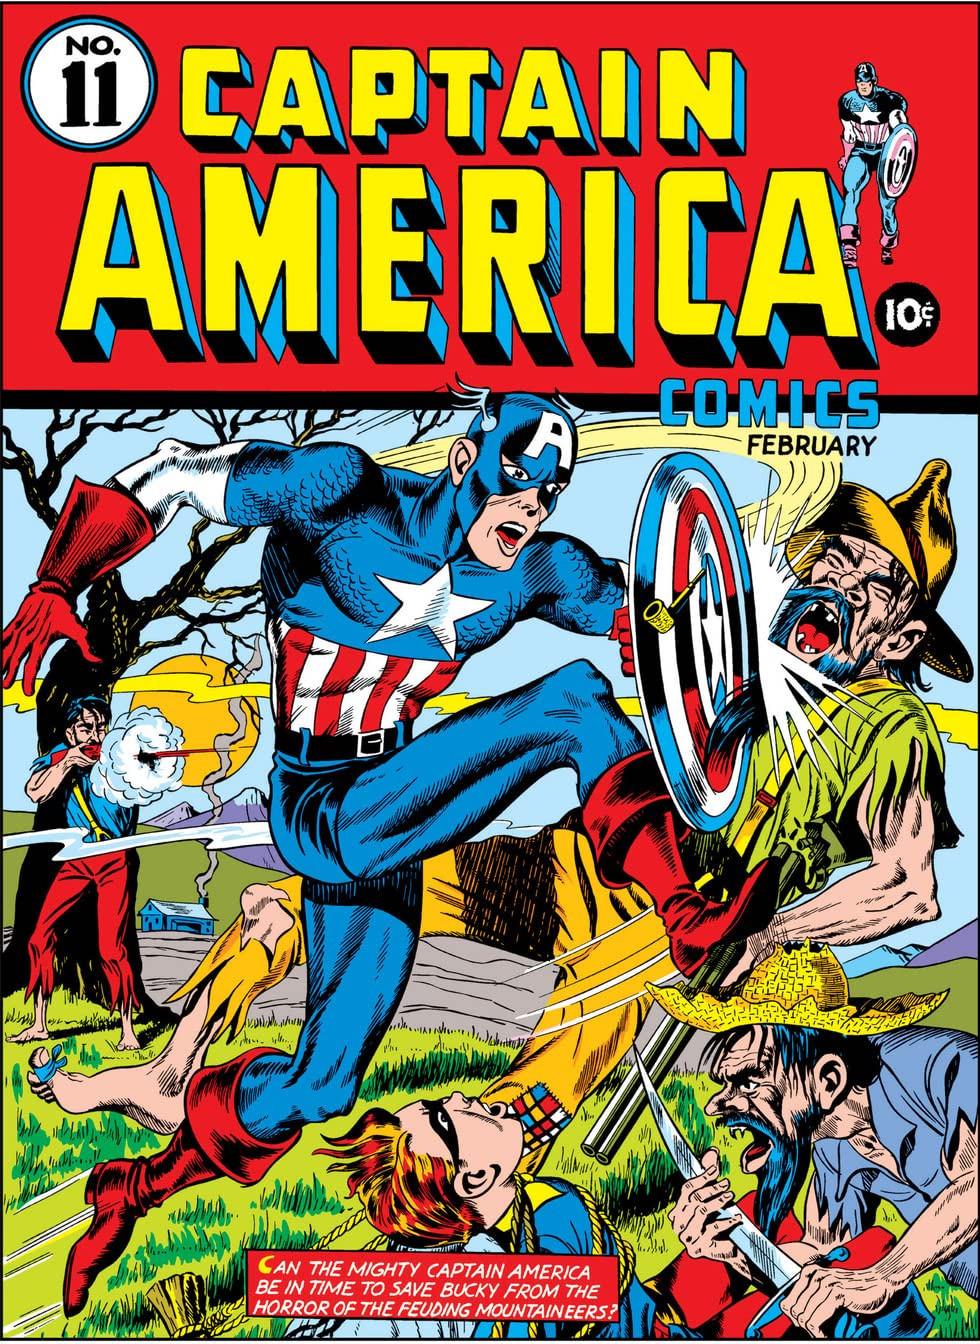 Captain America Comics Vol 1 11